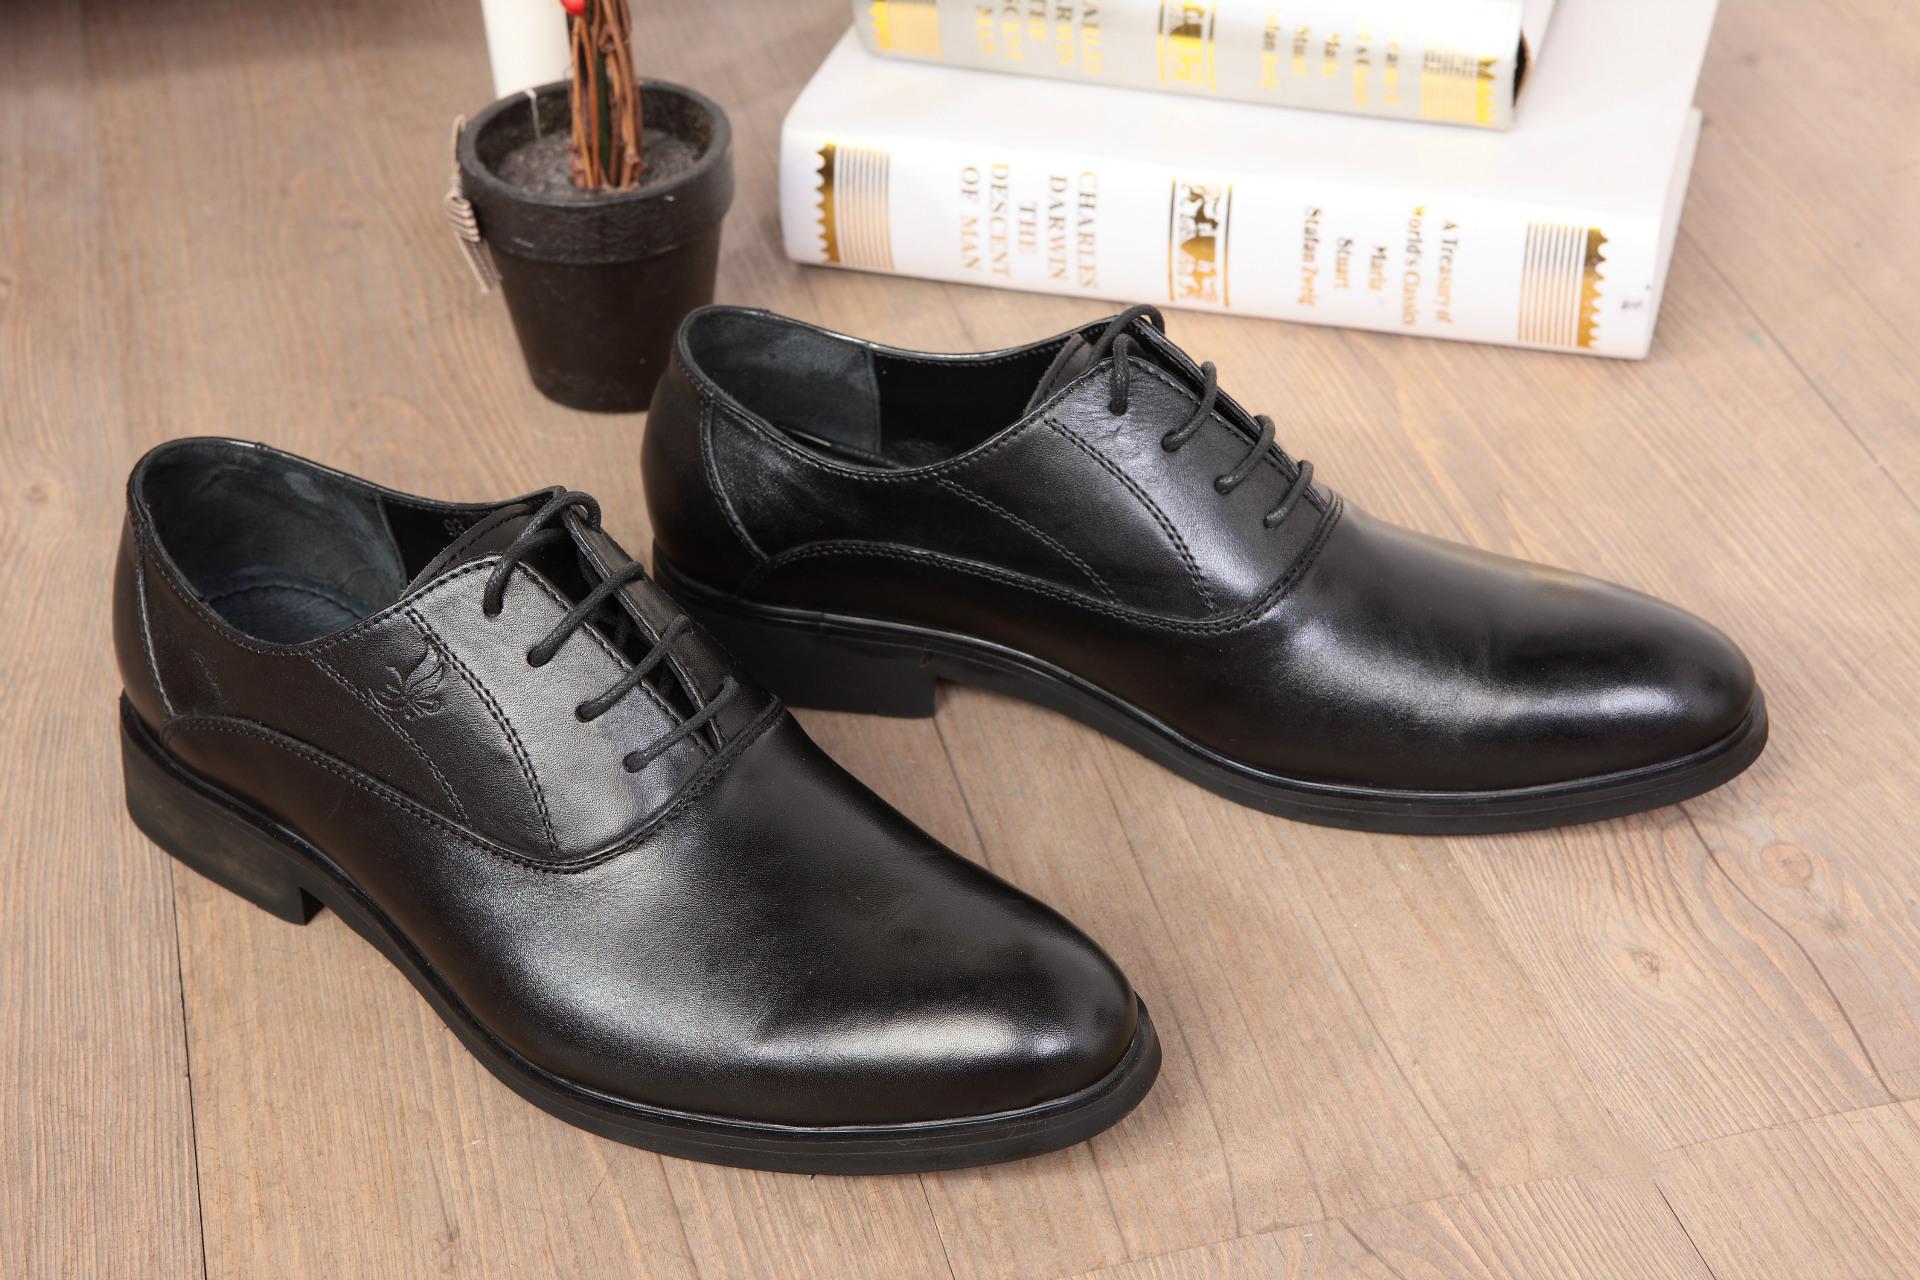 【乐言鞋业】9371商务皮鞋-黑色-实拍